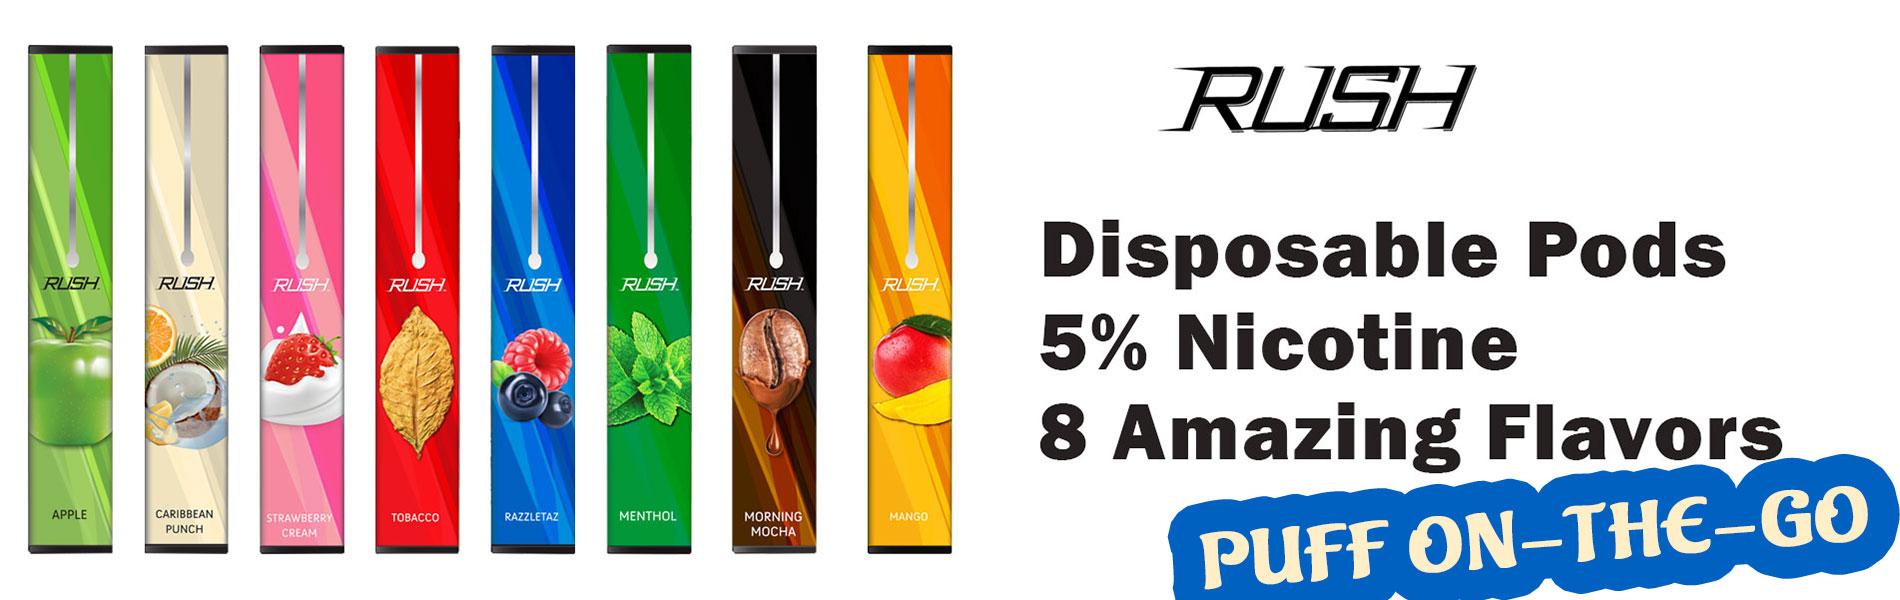 rush disposable pod vape